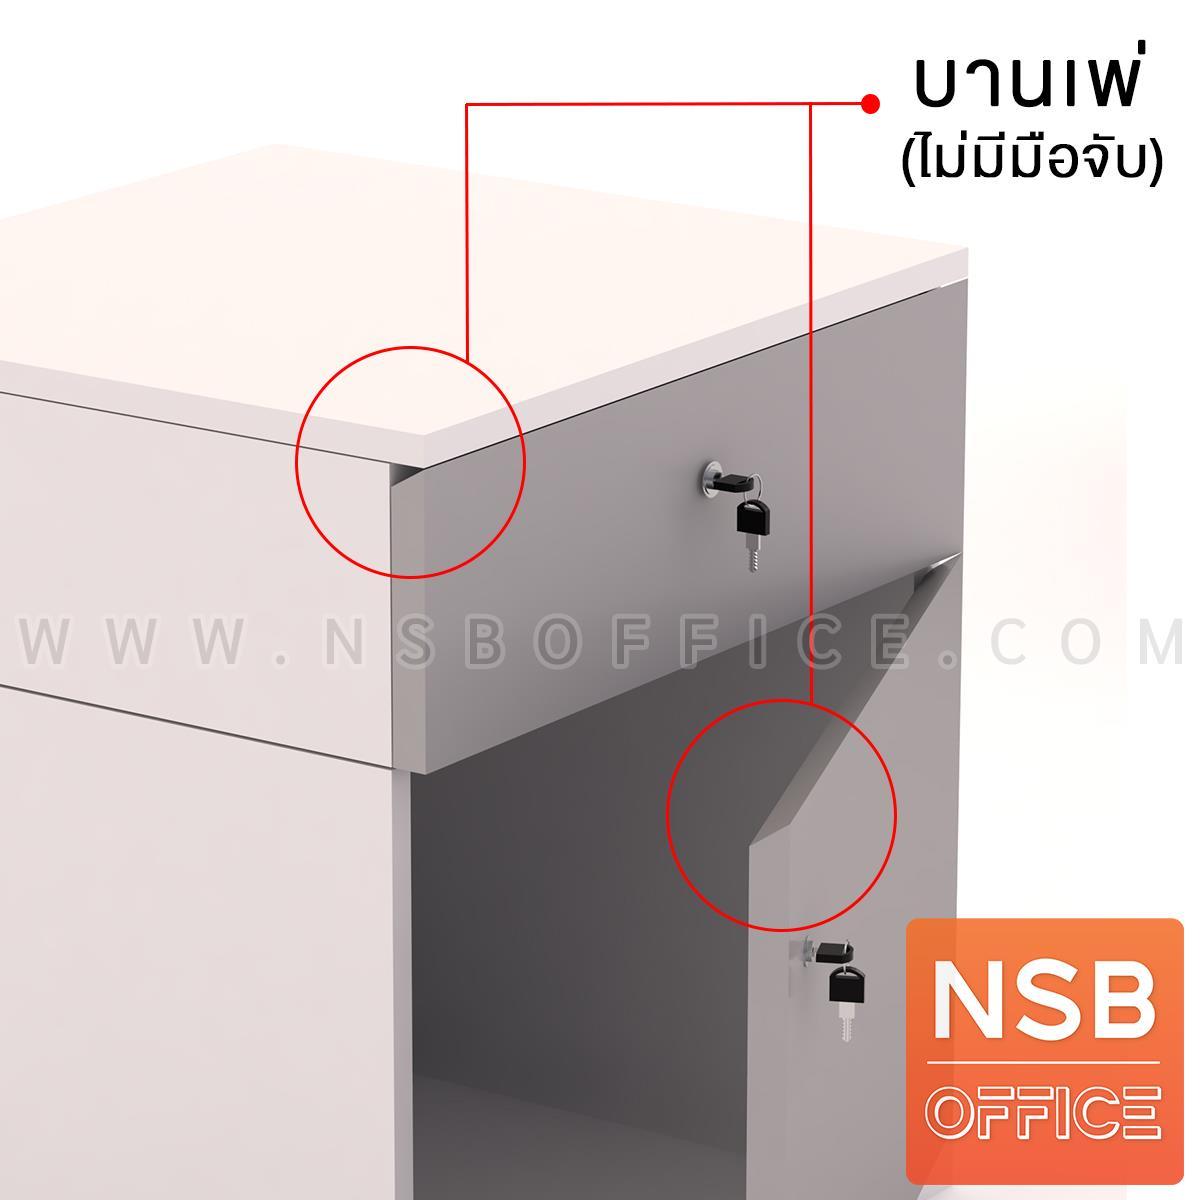 ตู้ครอบเซฟบานเพ่ (แนวตั้ง) 2 บานเปิด รุ่น Holmes (โฮล์ม) ขนาด 70W*70D*100H cm. สำหรับตู้เซฟน้ำหนัก 150 กก.